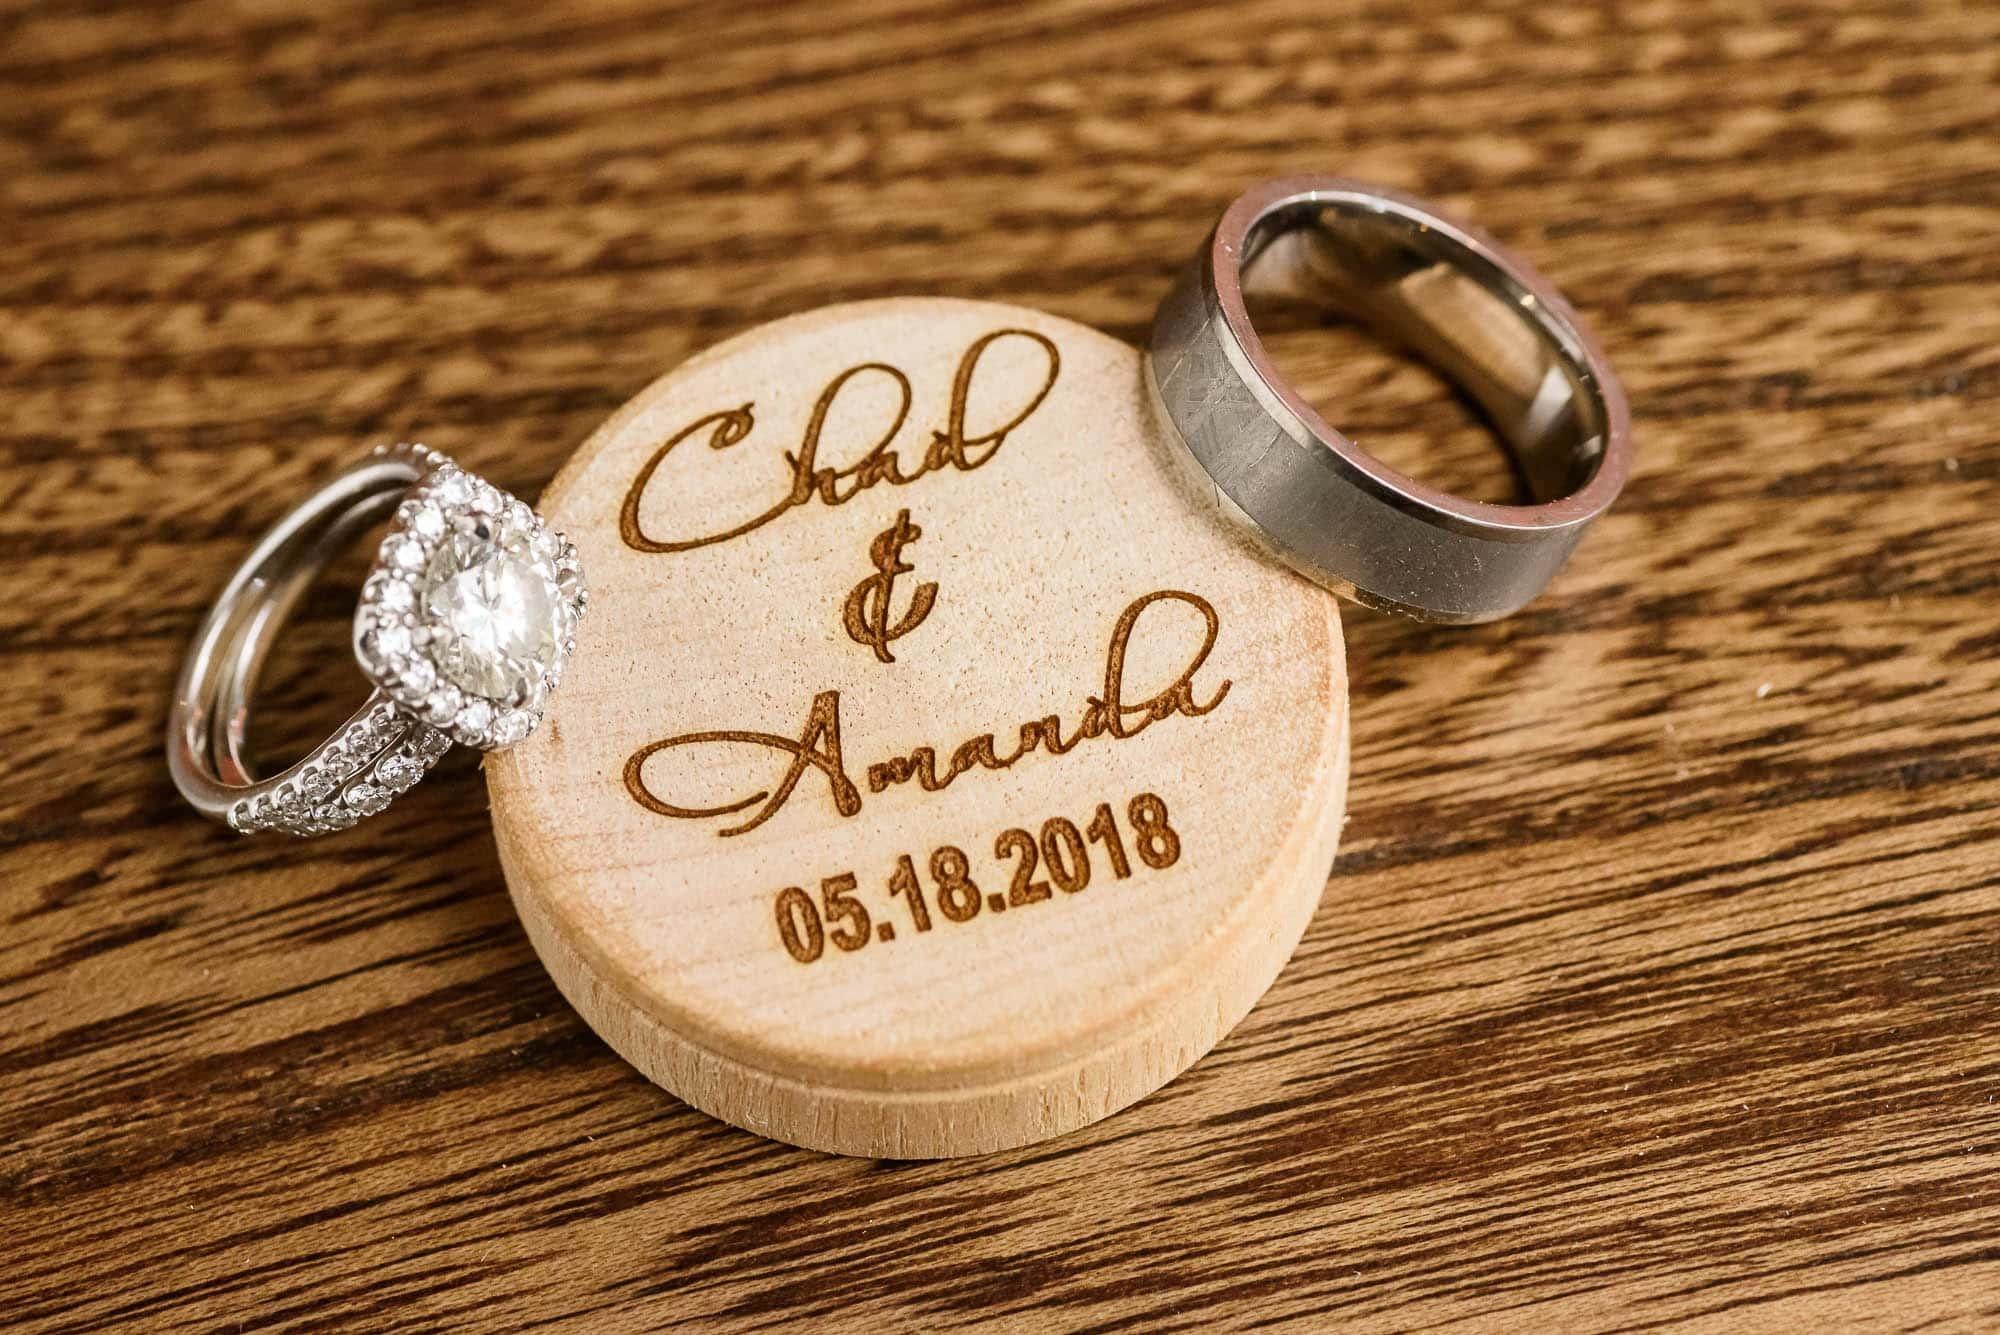 002_Alan_and_Heidi_Wedding_Amanda_Chad